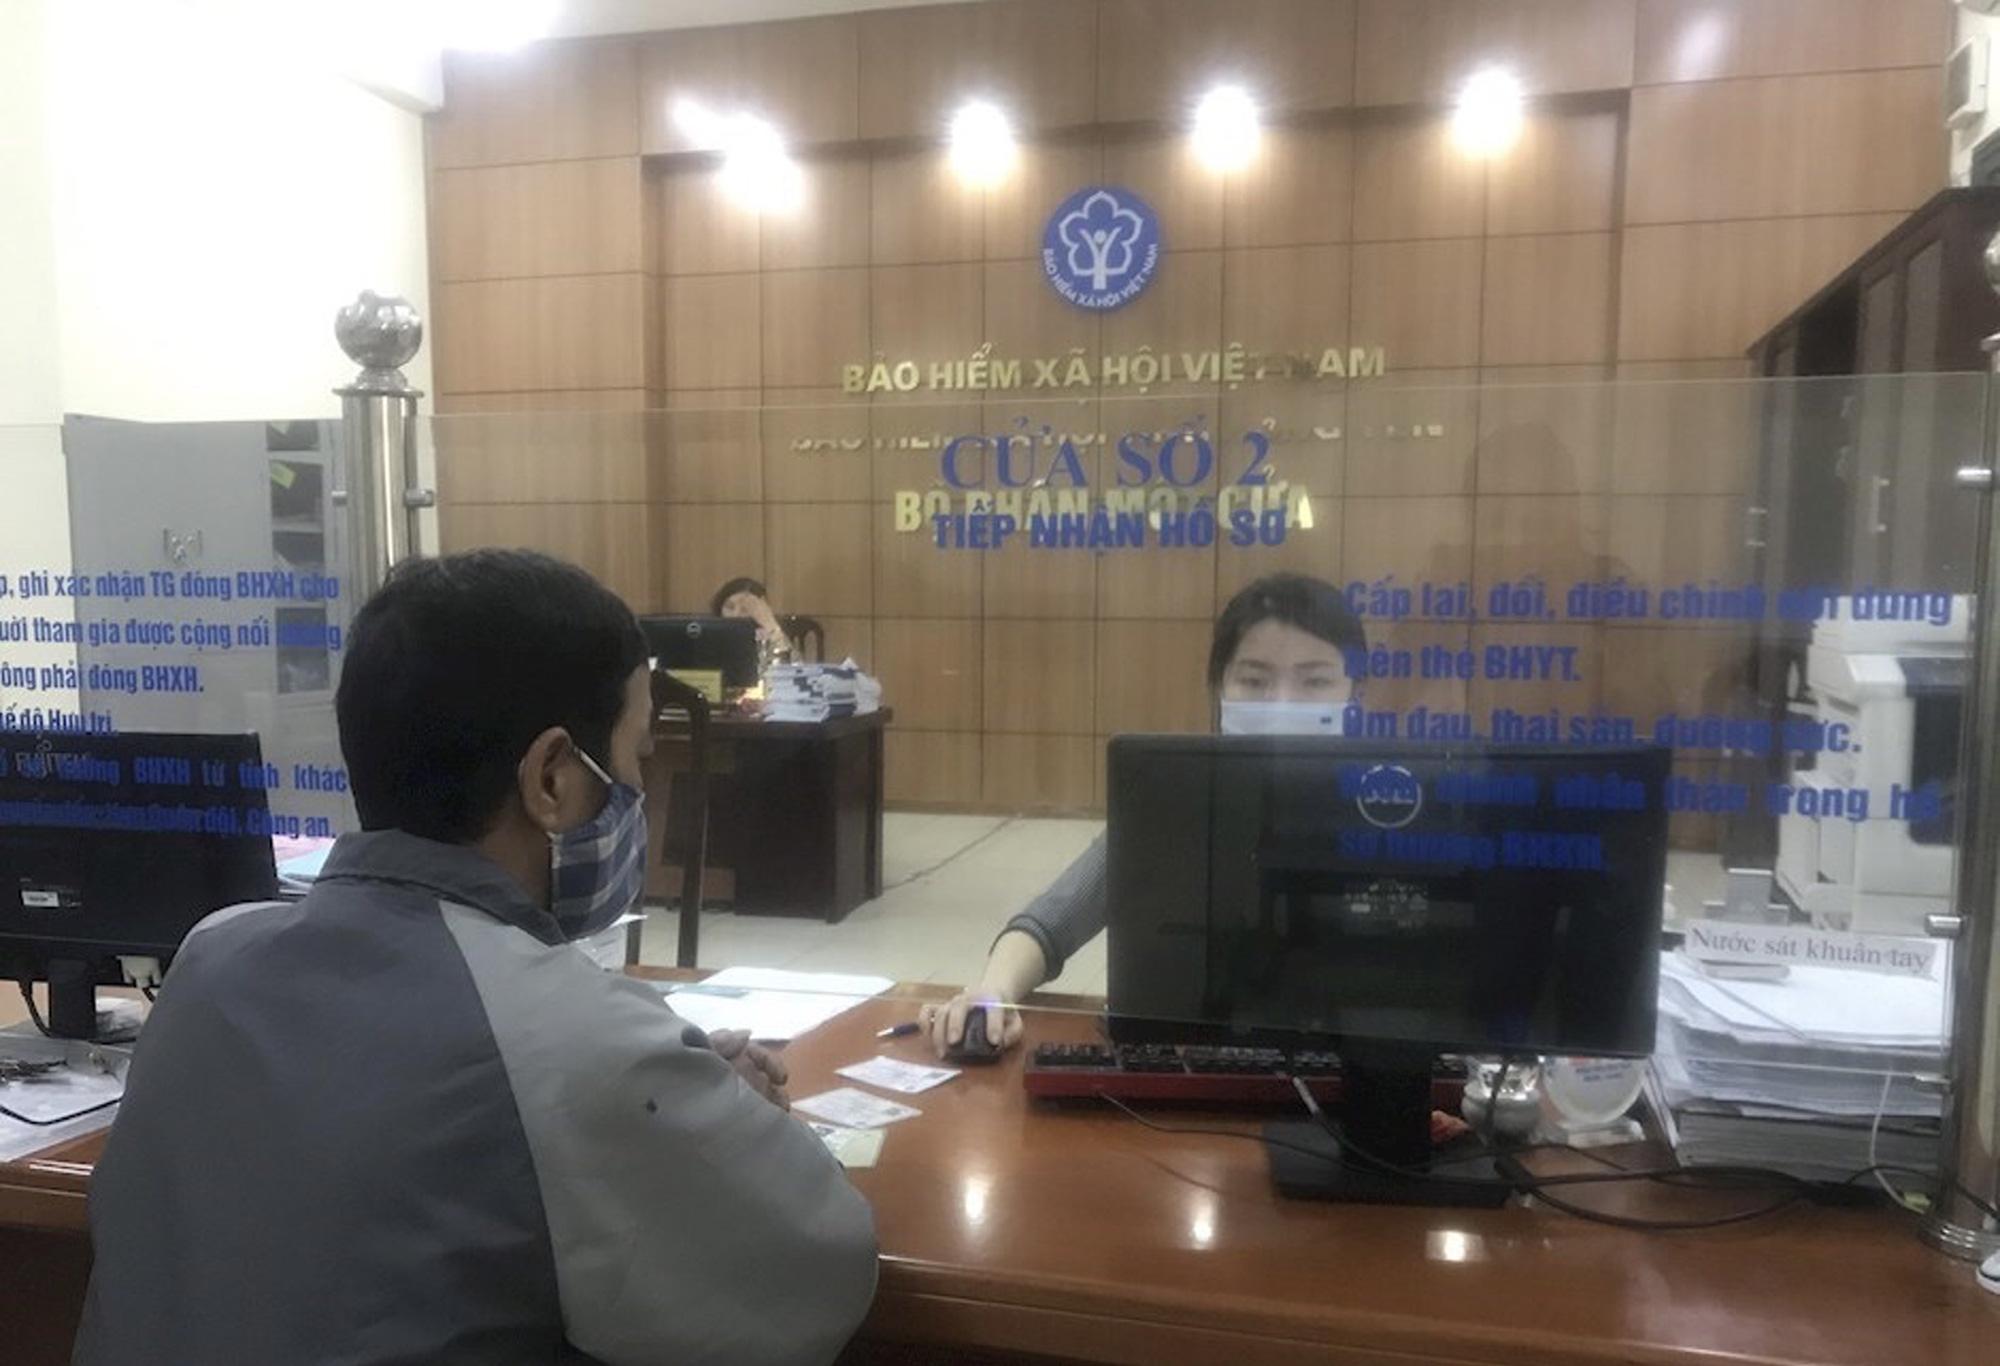 BHXH Việt Nam đồng hành, tháo gỡ khó khăn cho người lao động, doanh nghiệp vượt qua đại dịch - Ảnh 1.